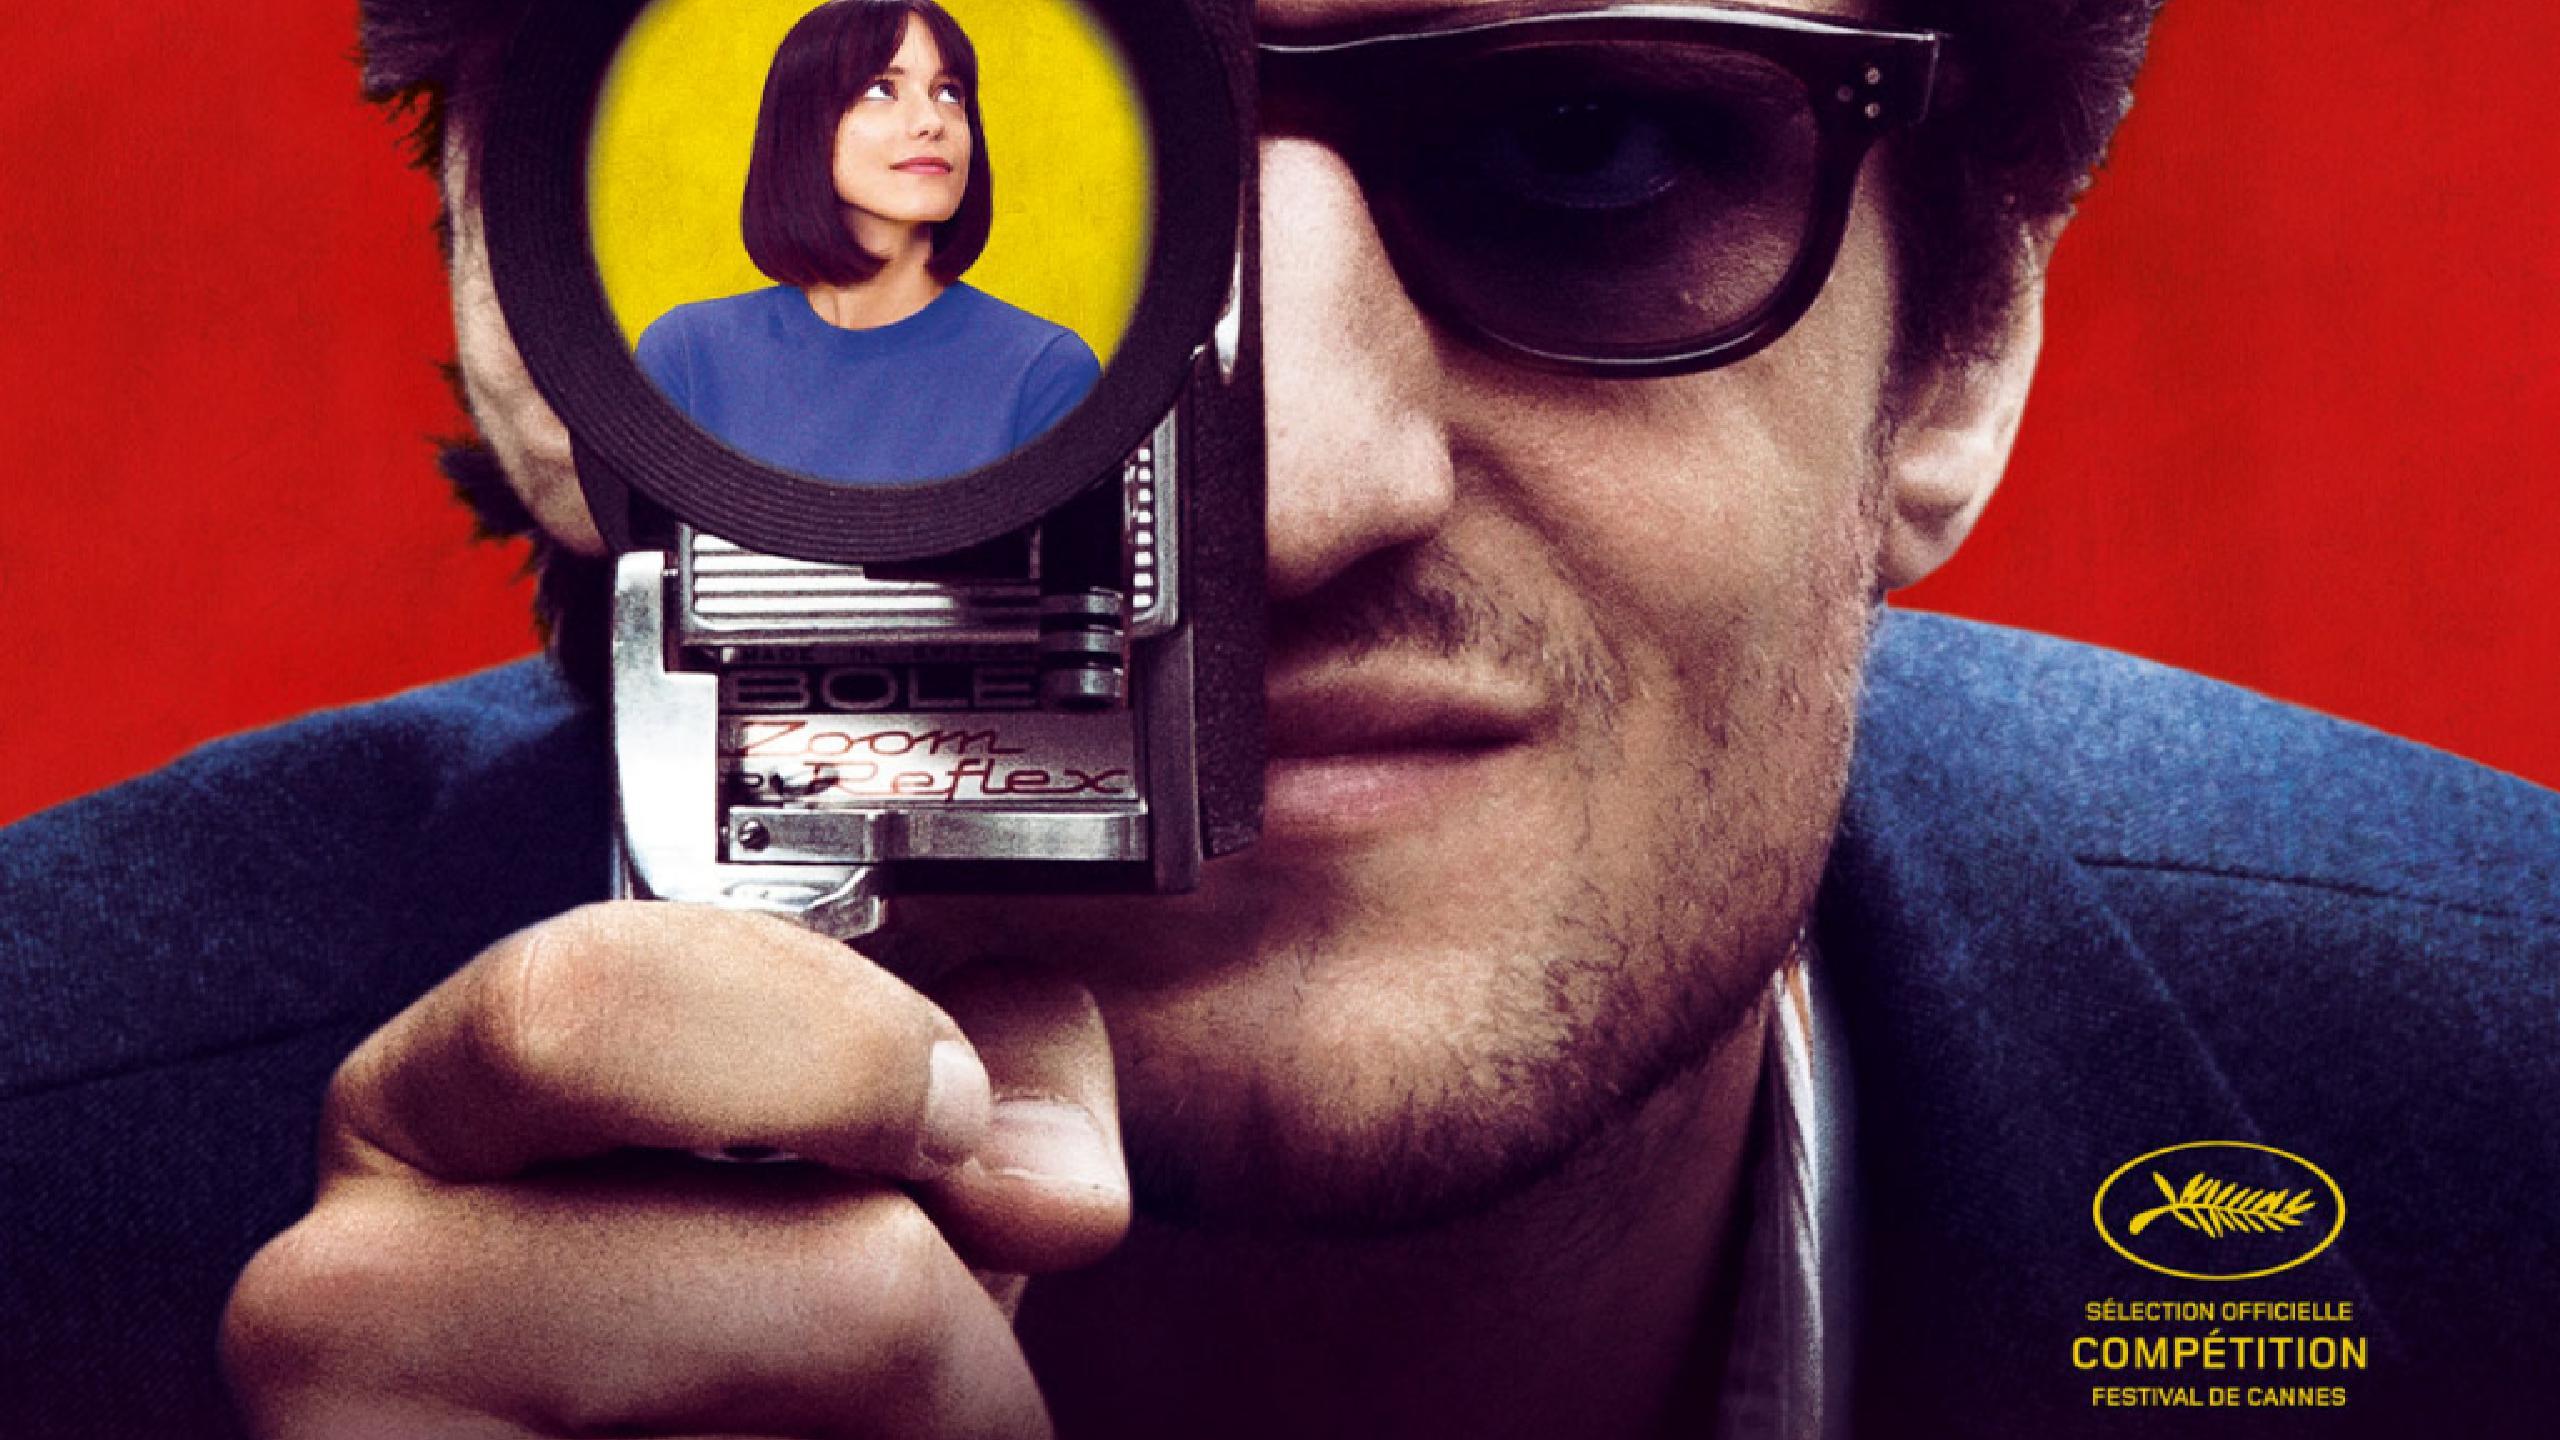 """فيلم """"الرهيب"""" والذي يسرد لجانب من حياة المخرج الفرنسي البارز جان لوك جودار، فيلم جيد جدا، مرح، حيوي، وساخ"""